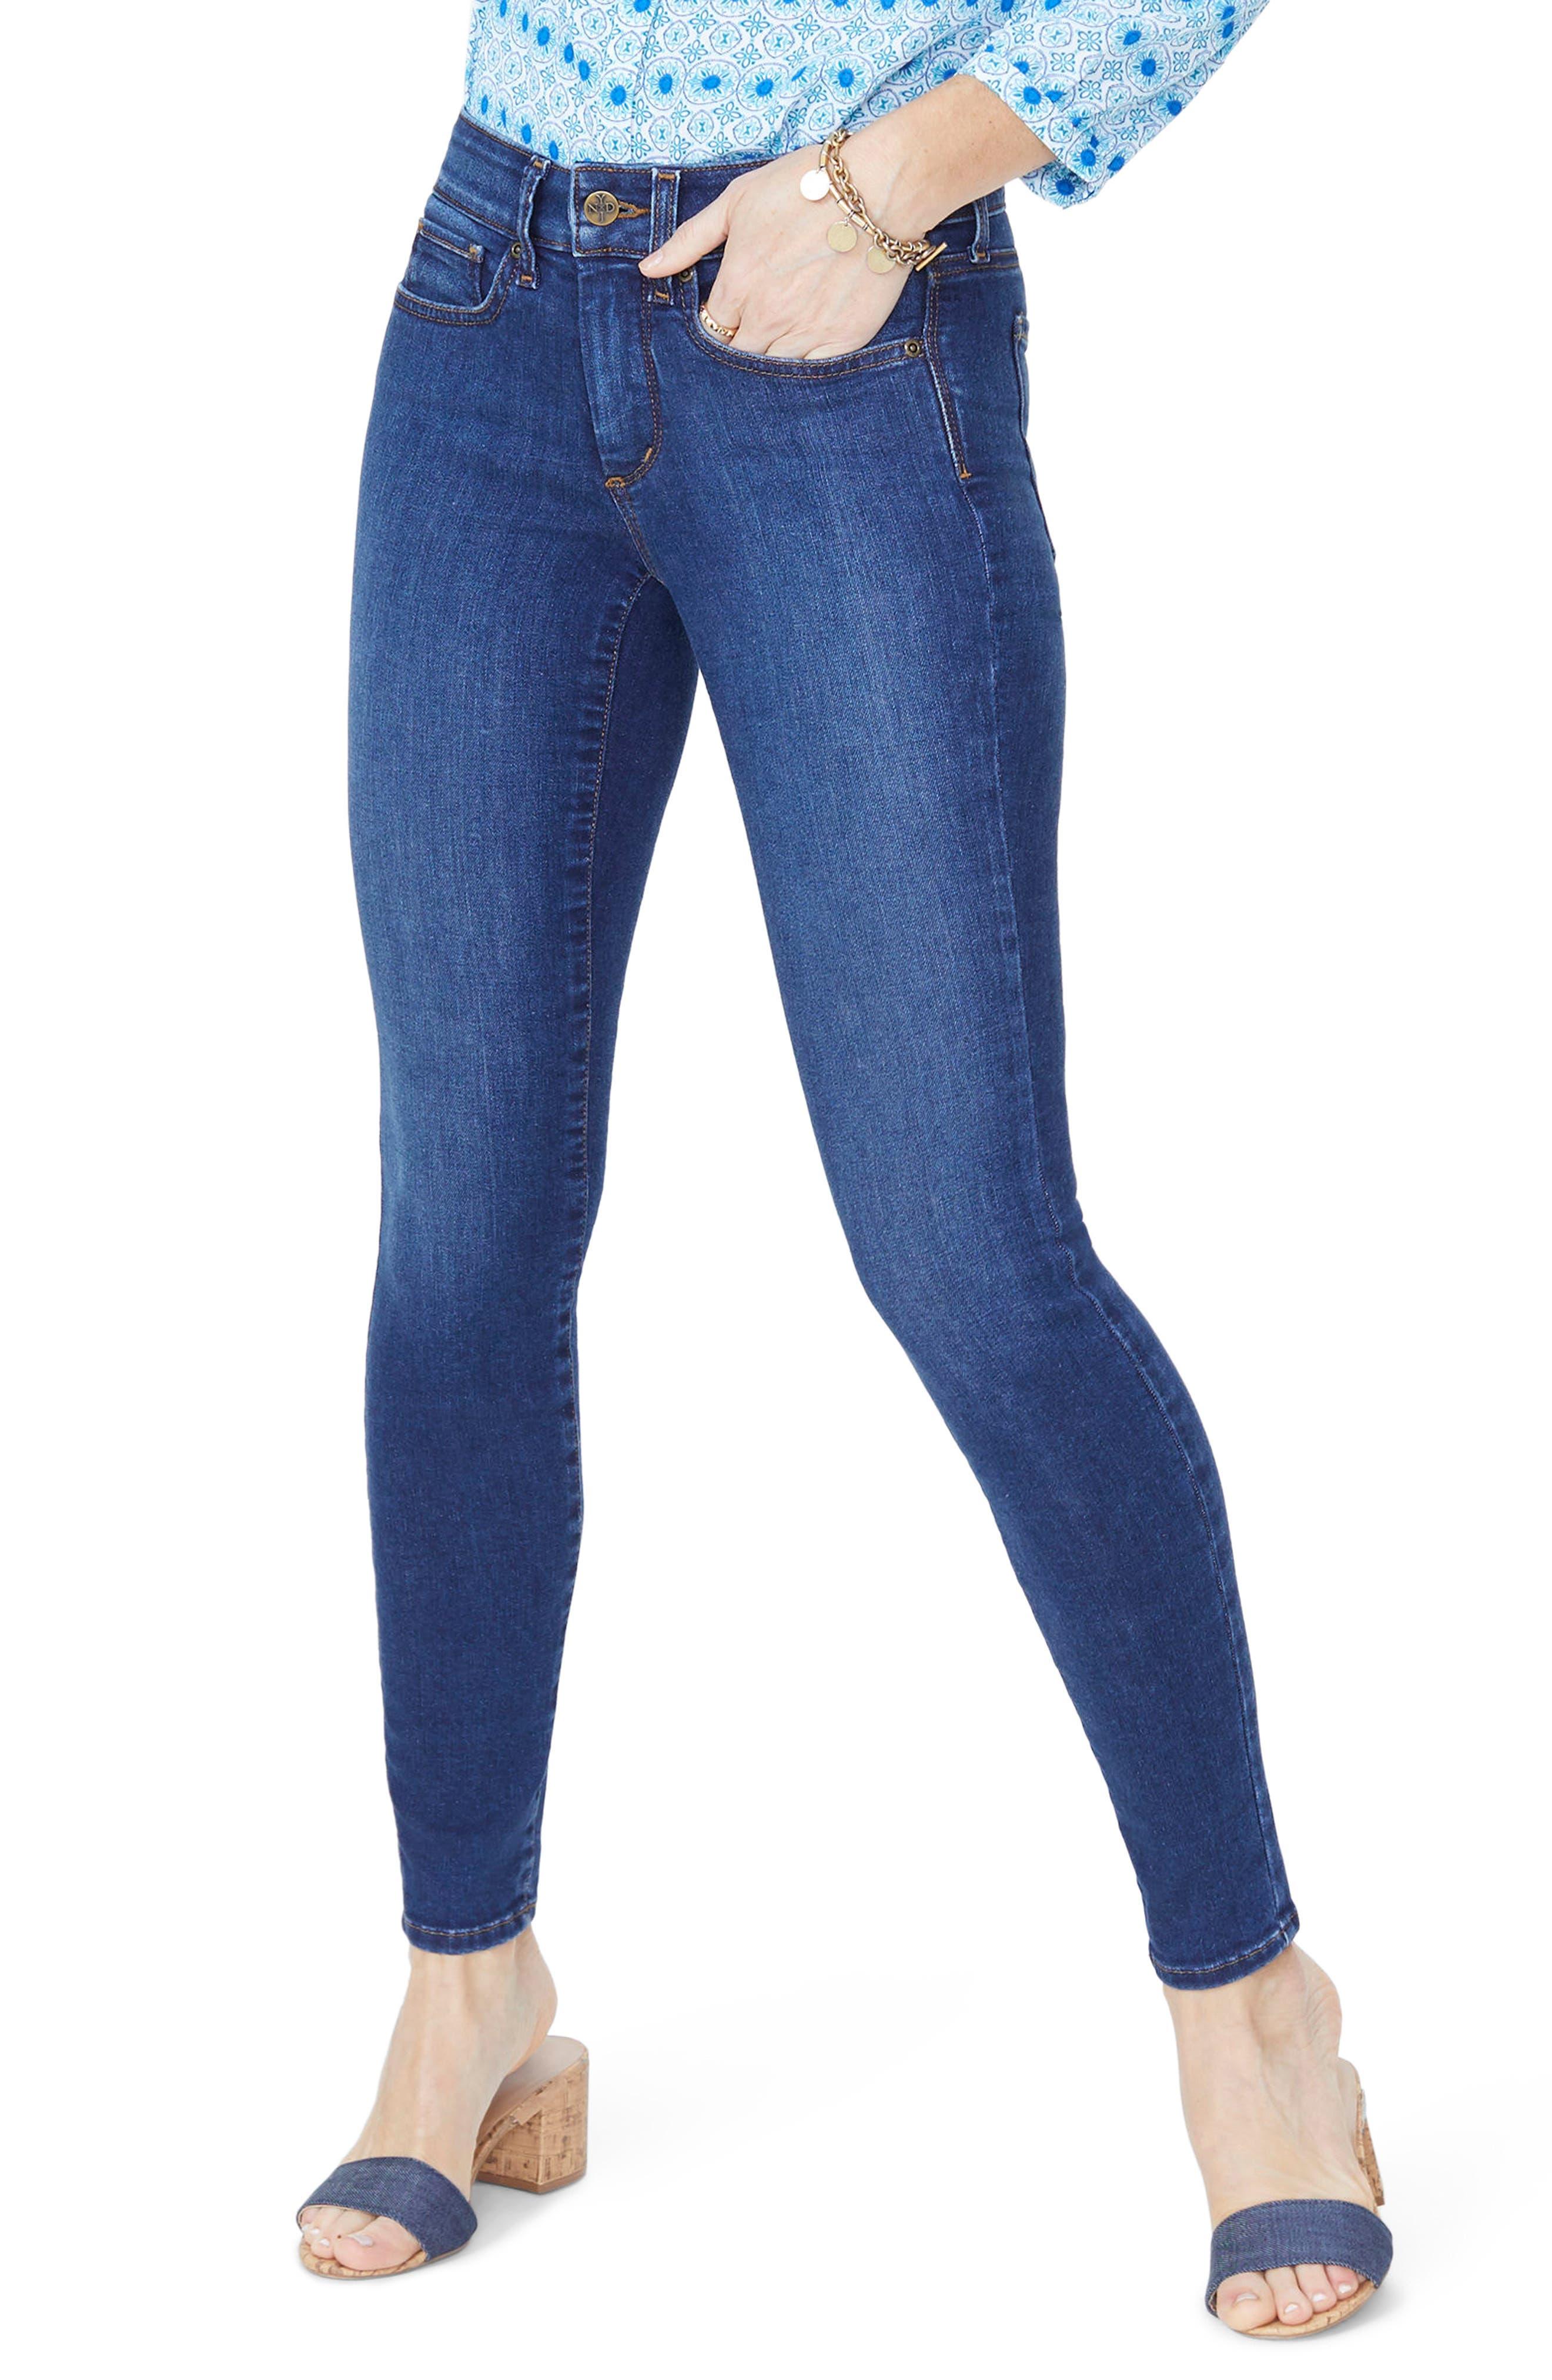 Nydj Jeans AMI HIGH WAIST STRETCH SKINNY JEANS